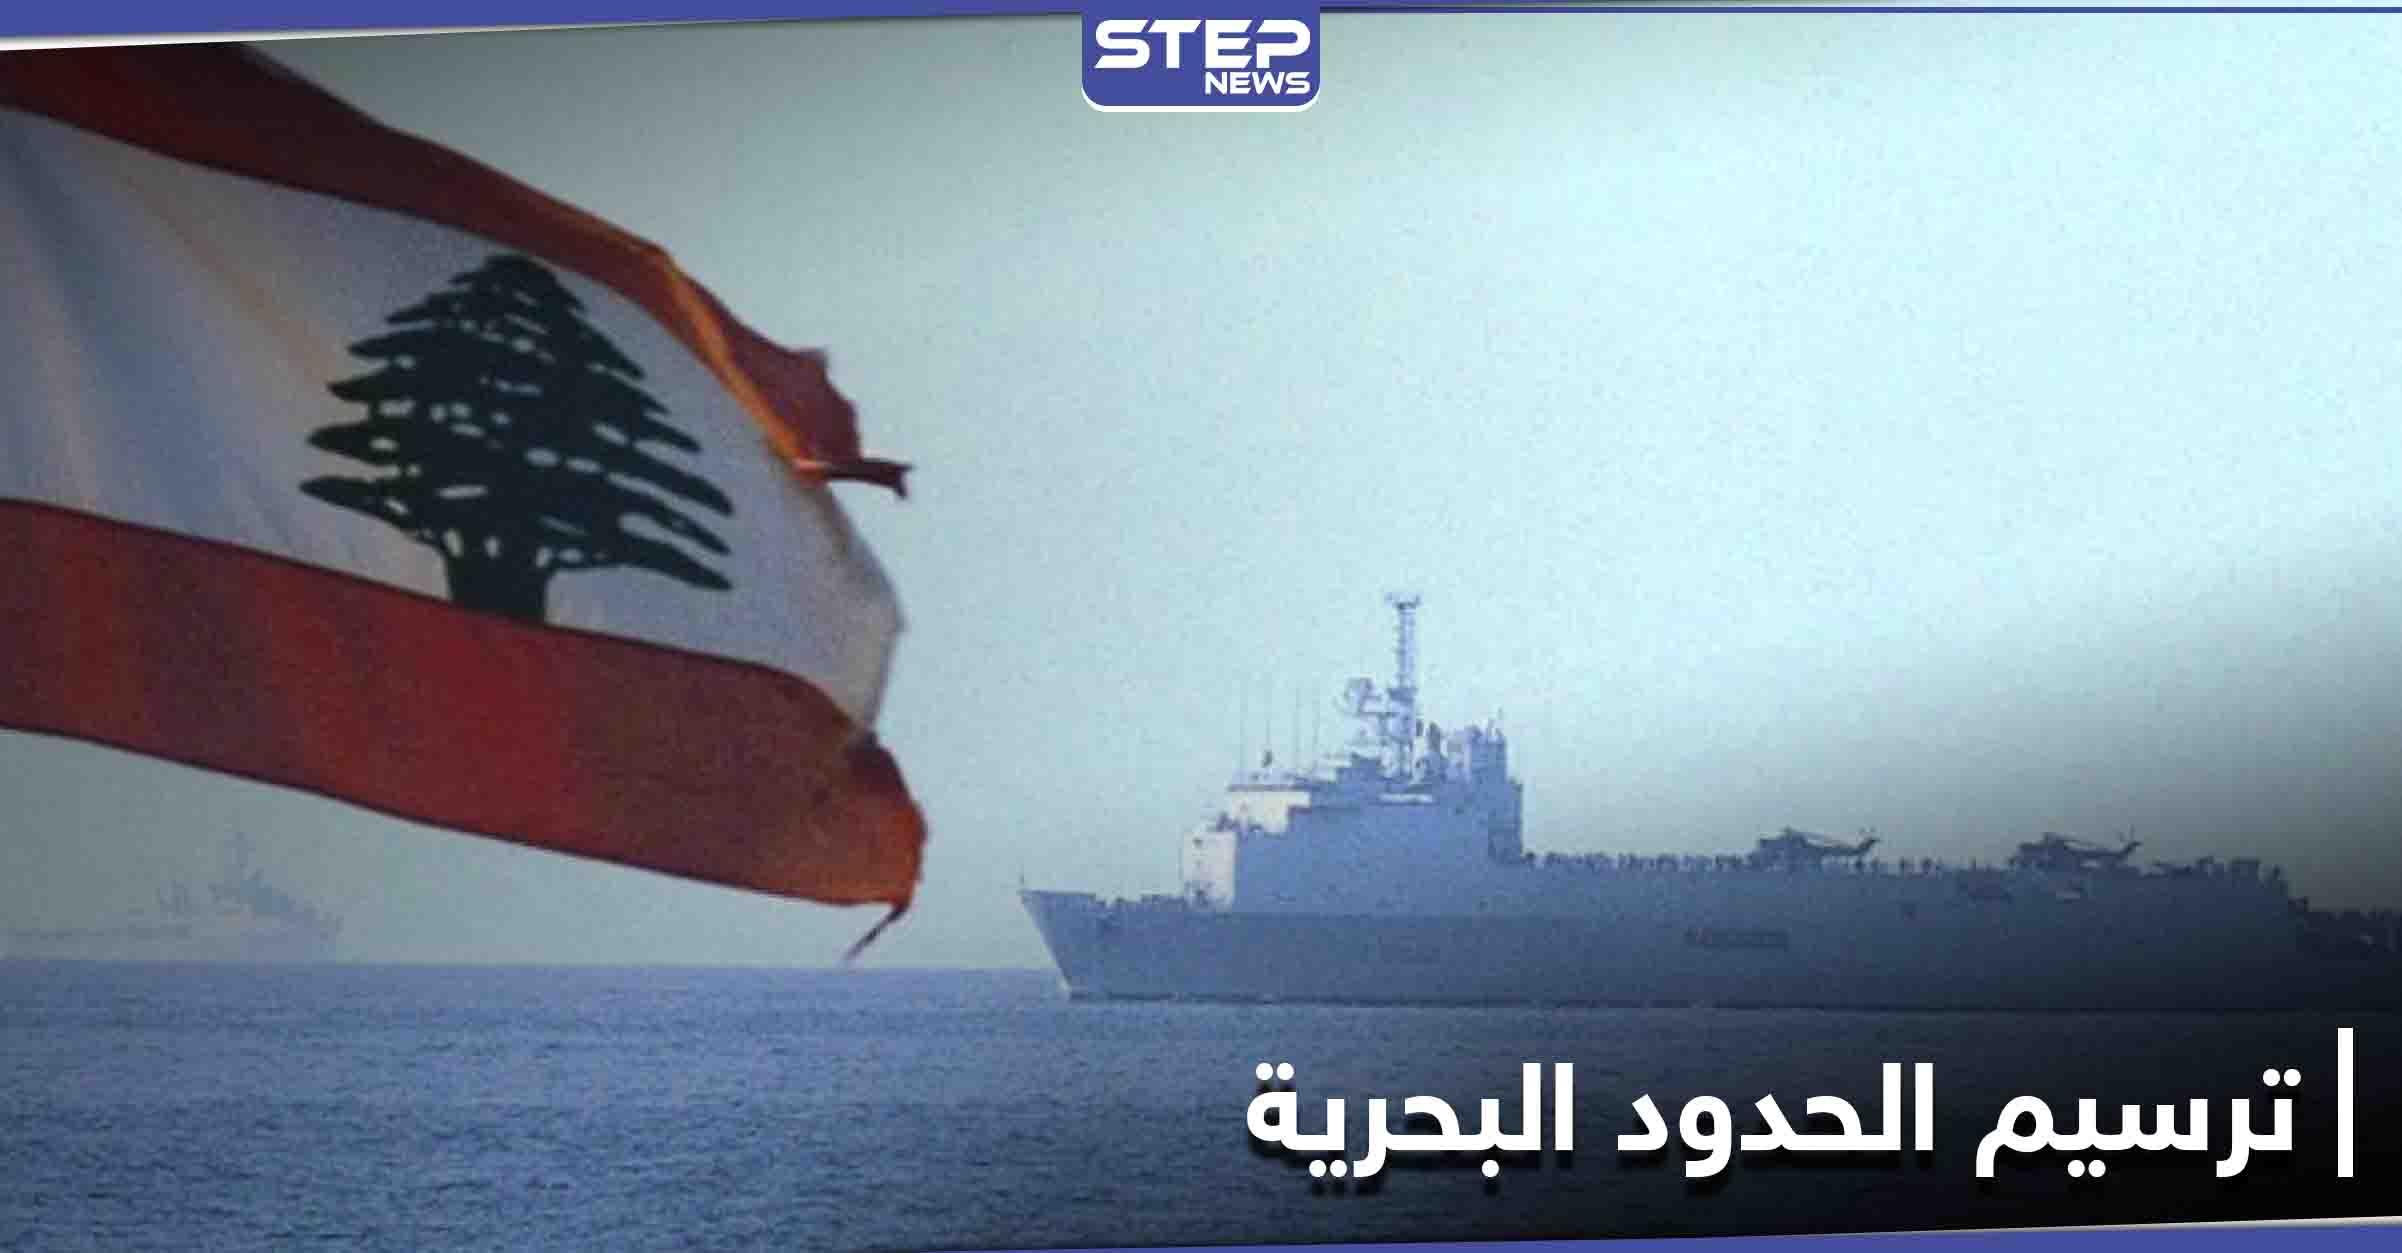 """عقب الجدل حول تجاوزات """"سوريّة"""" .. عون يبحث مع الأسد هاتفياً ملف ترسيم الحدود البحرية"""